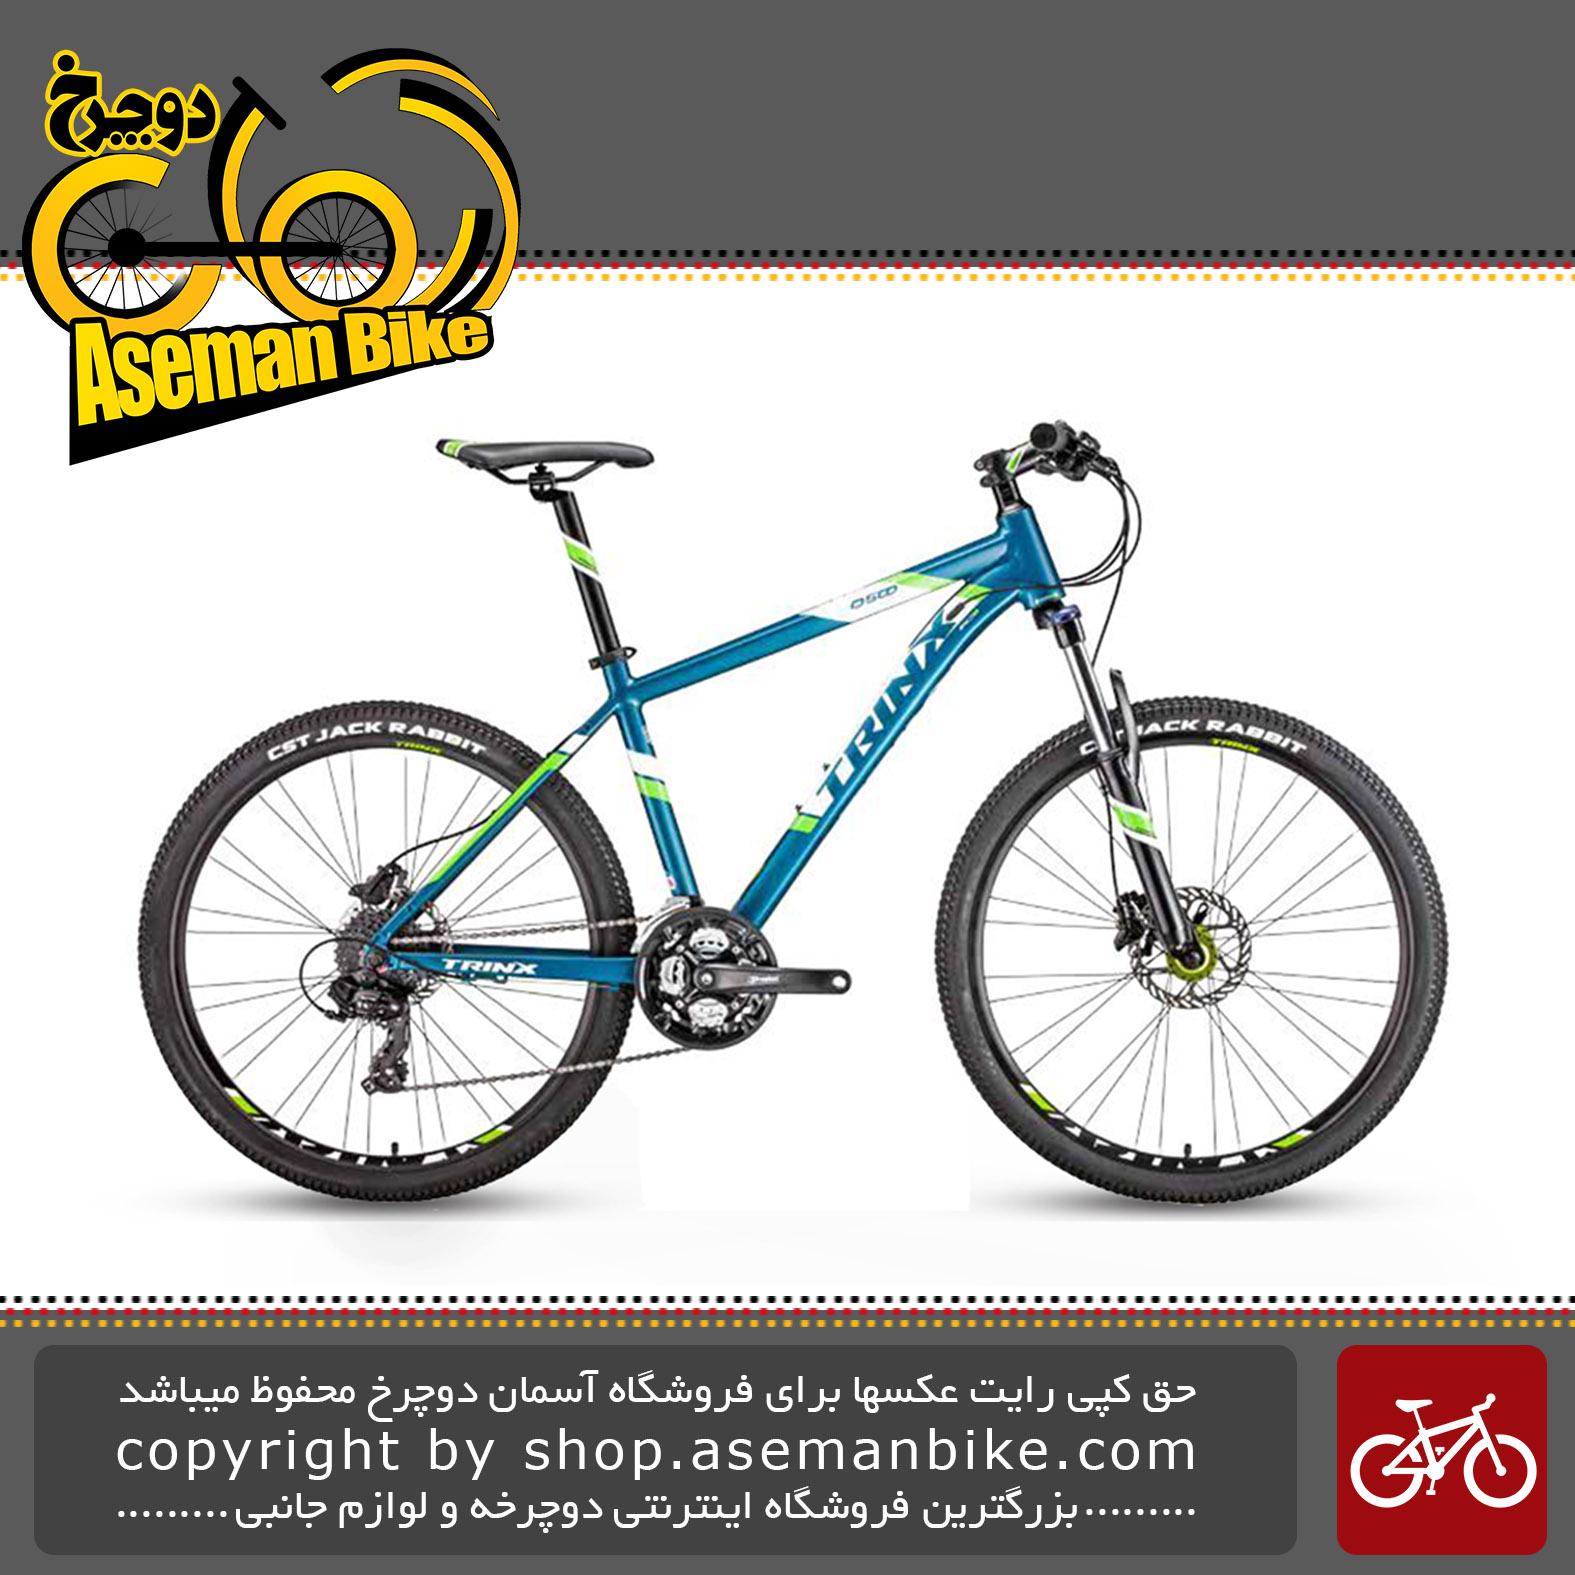 دوچرخه کوهستان ترینکس مدل دیسکاوری D500 سایز 26 Trinx Discovery D500